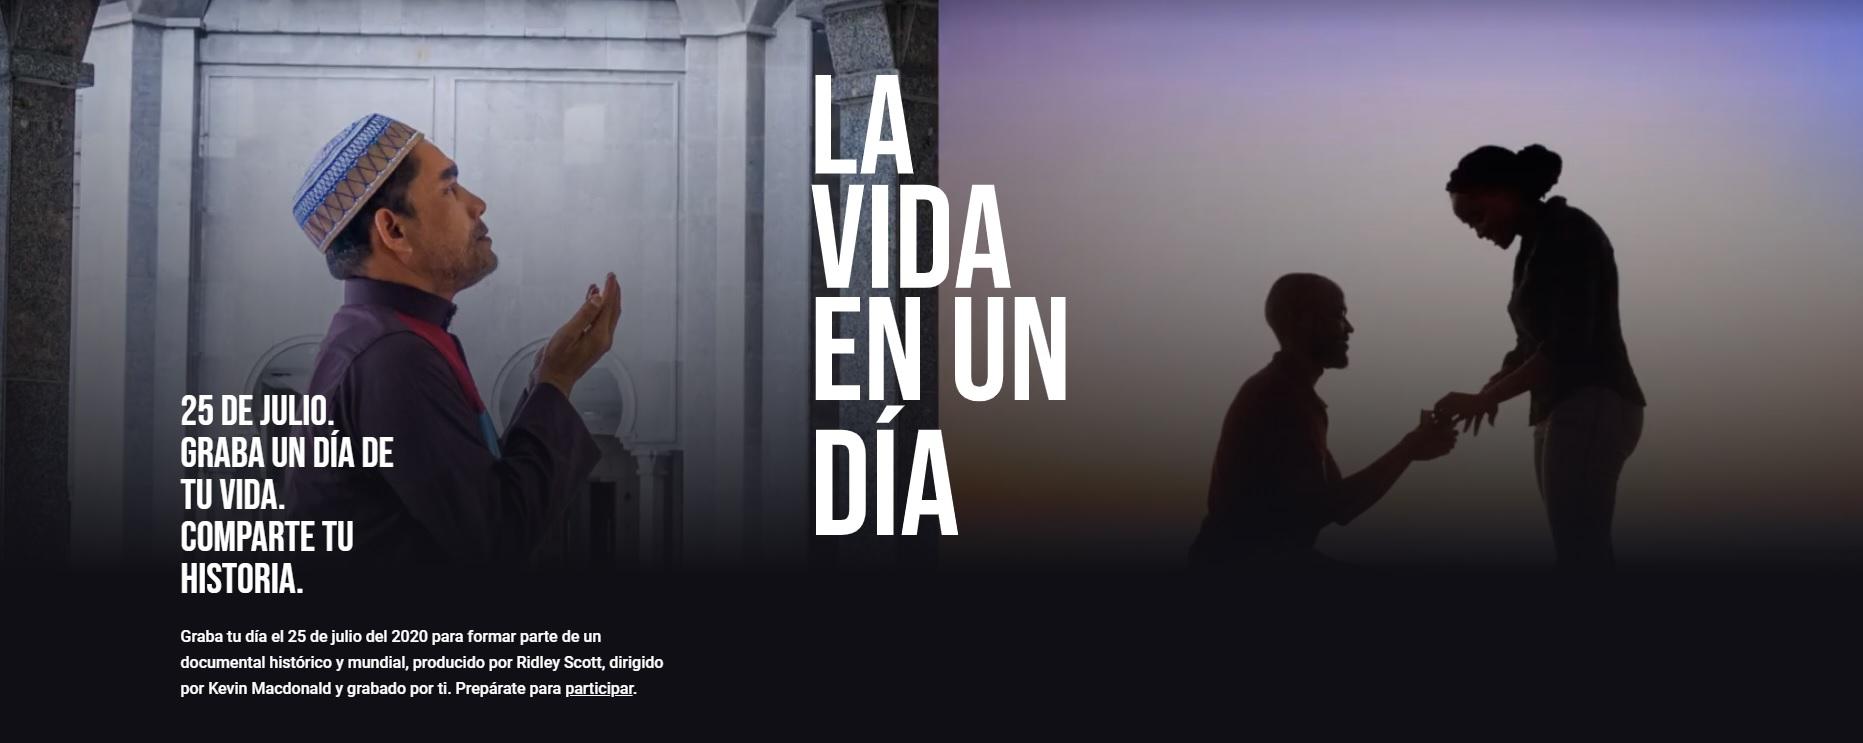 """""""La vida en un día"""", el documental de Ridley Scott dirigido por ti"""